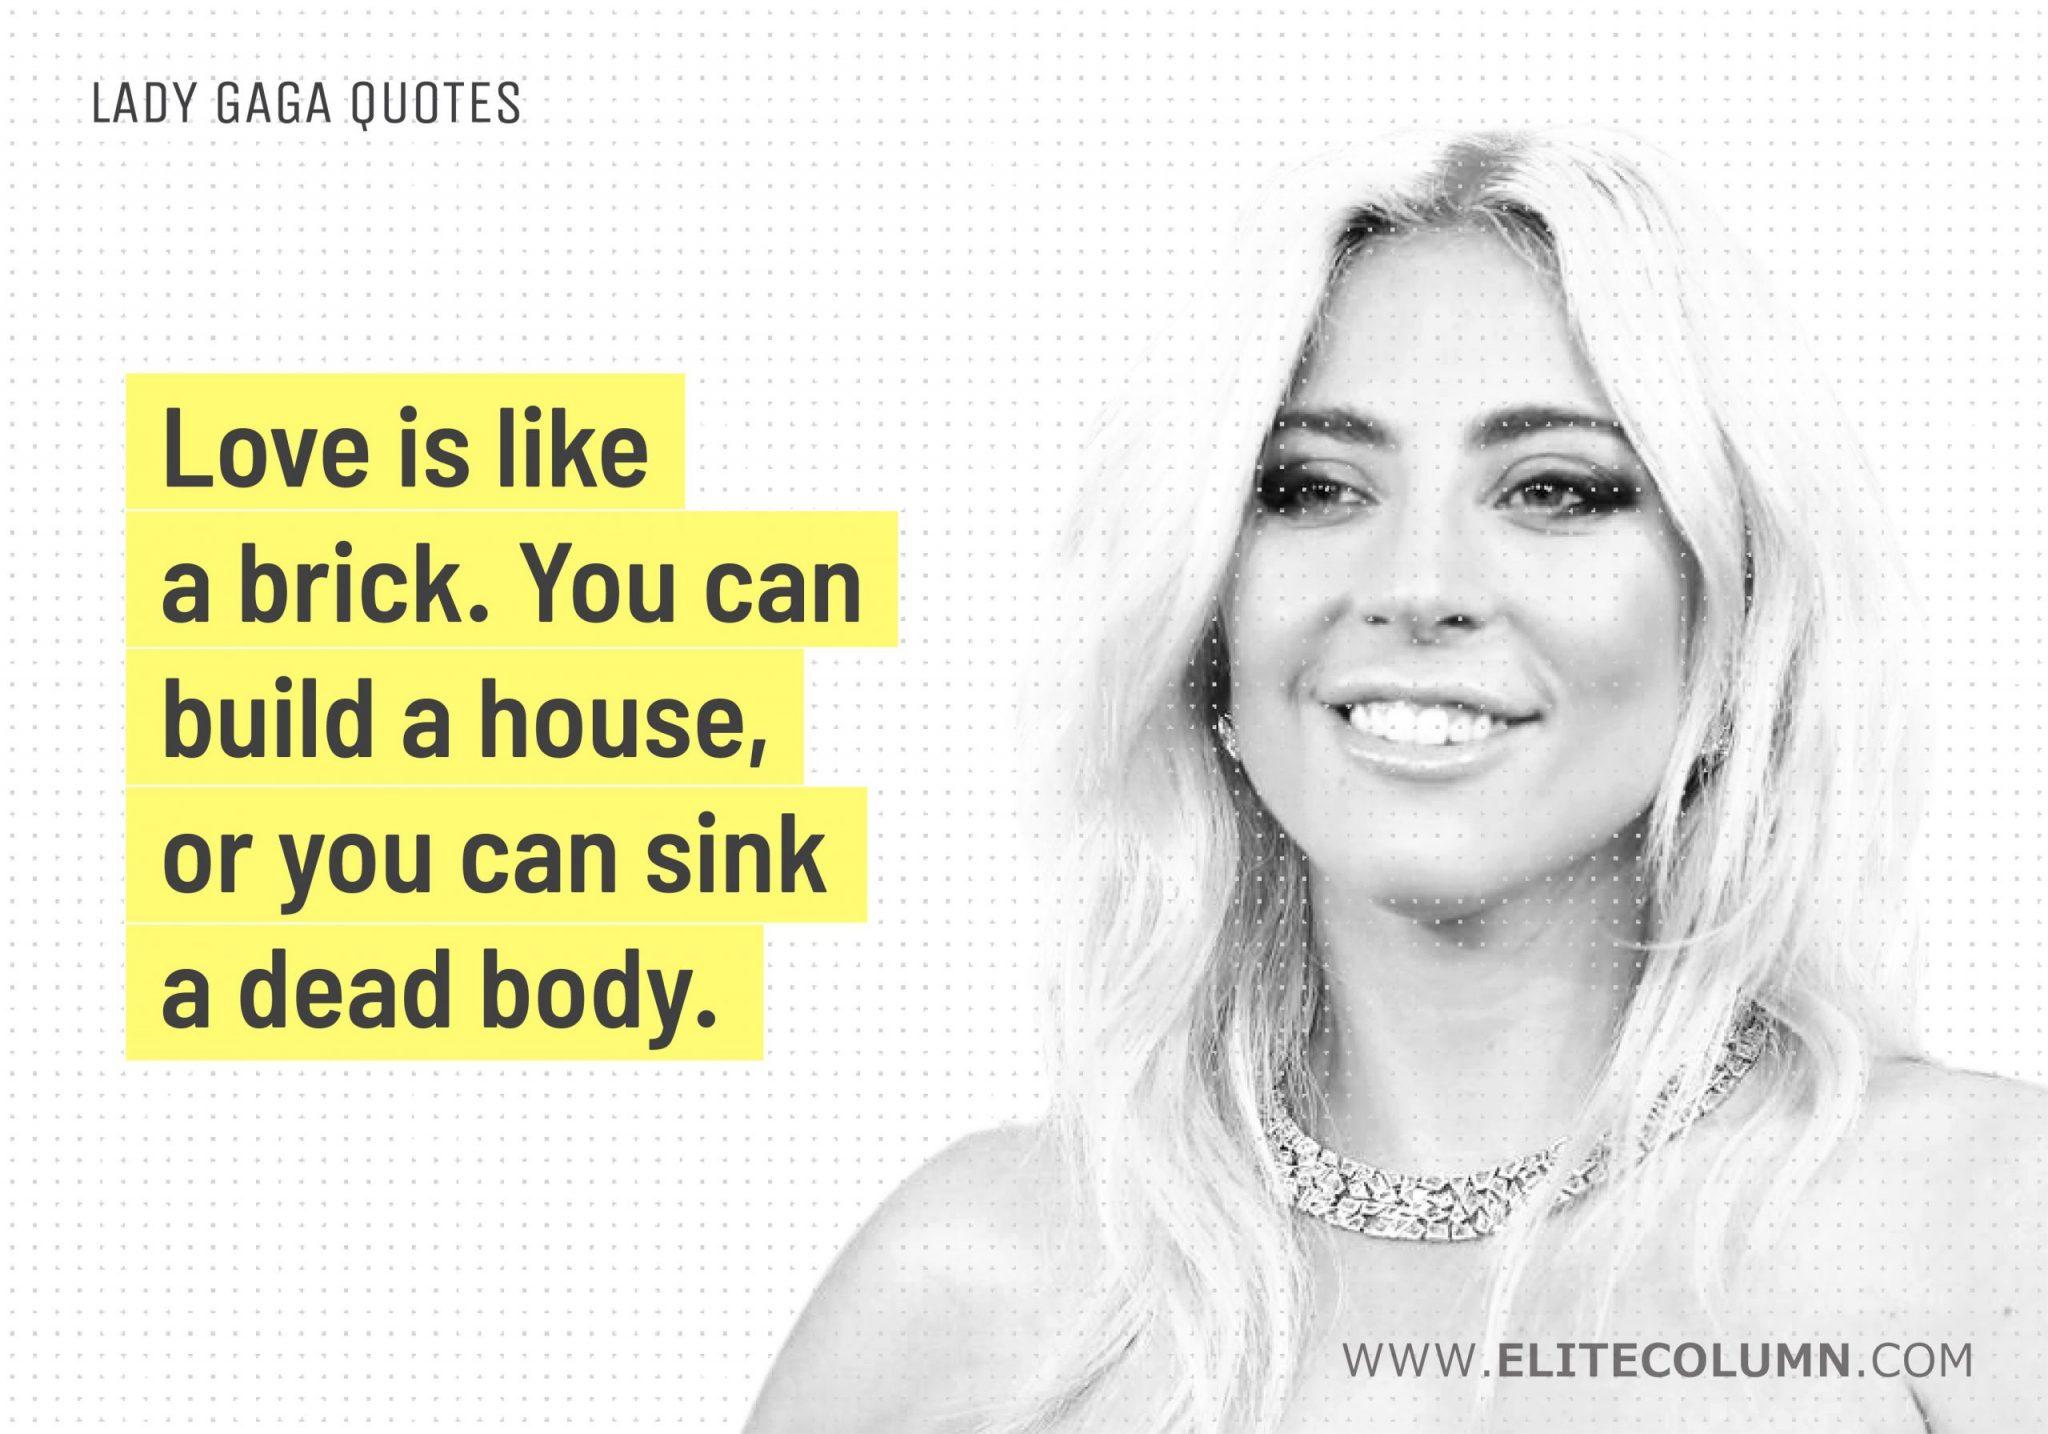 Lady Gaga Quotes (6)